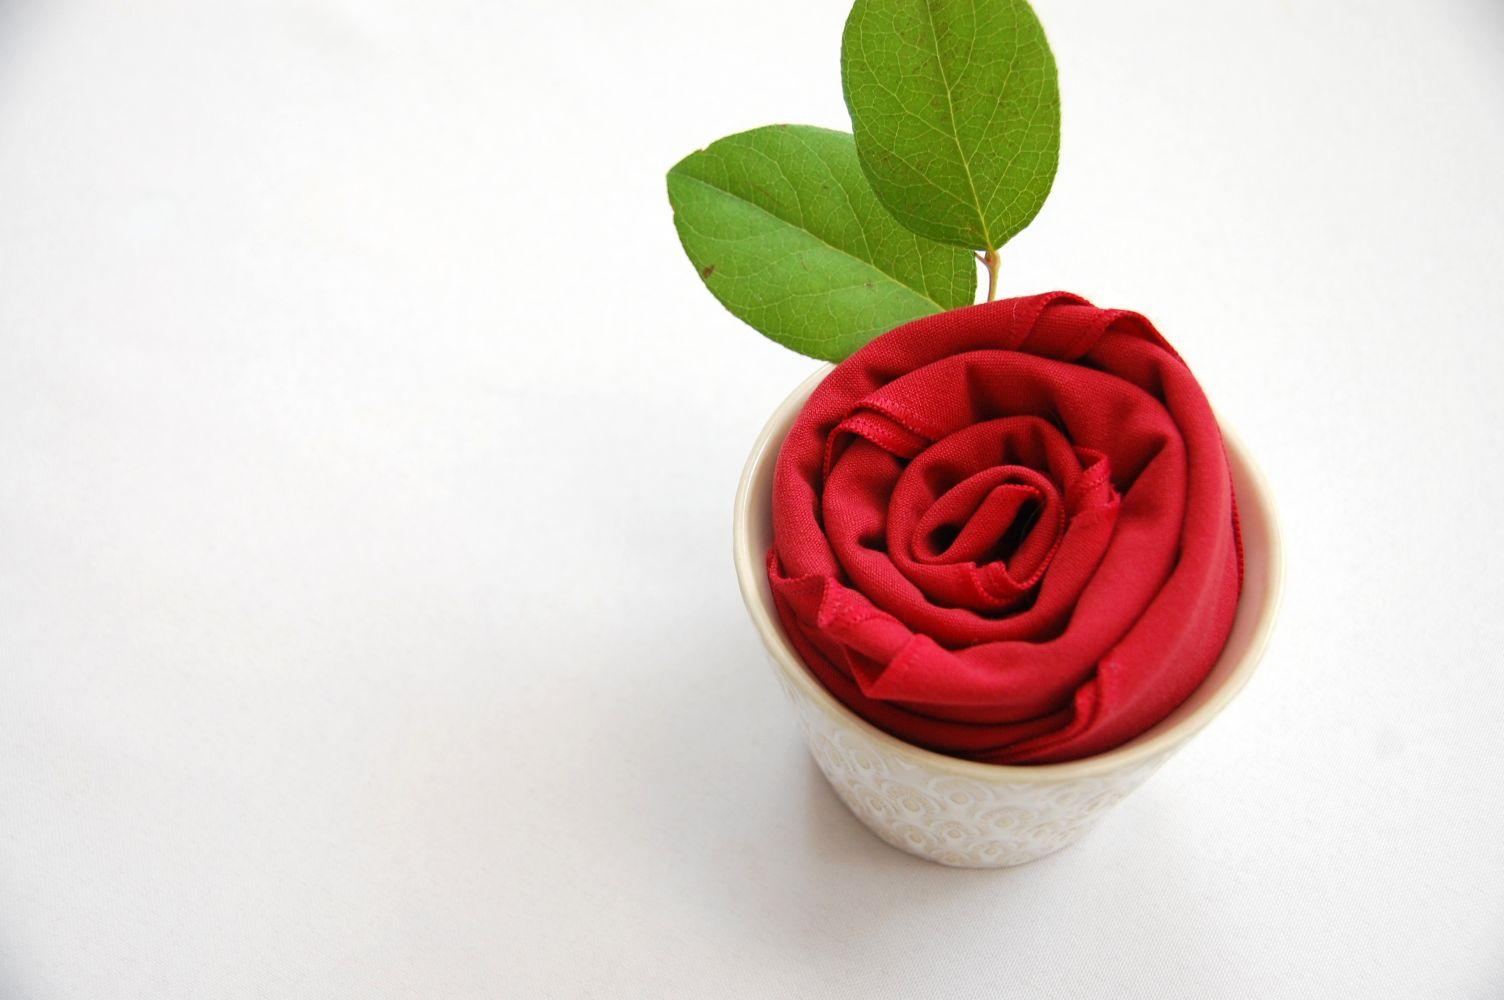 exemple pliage de serviette tissu en forme de rose dans verre avec feuilles vertes naturelles, deco table romantiques